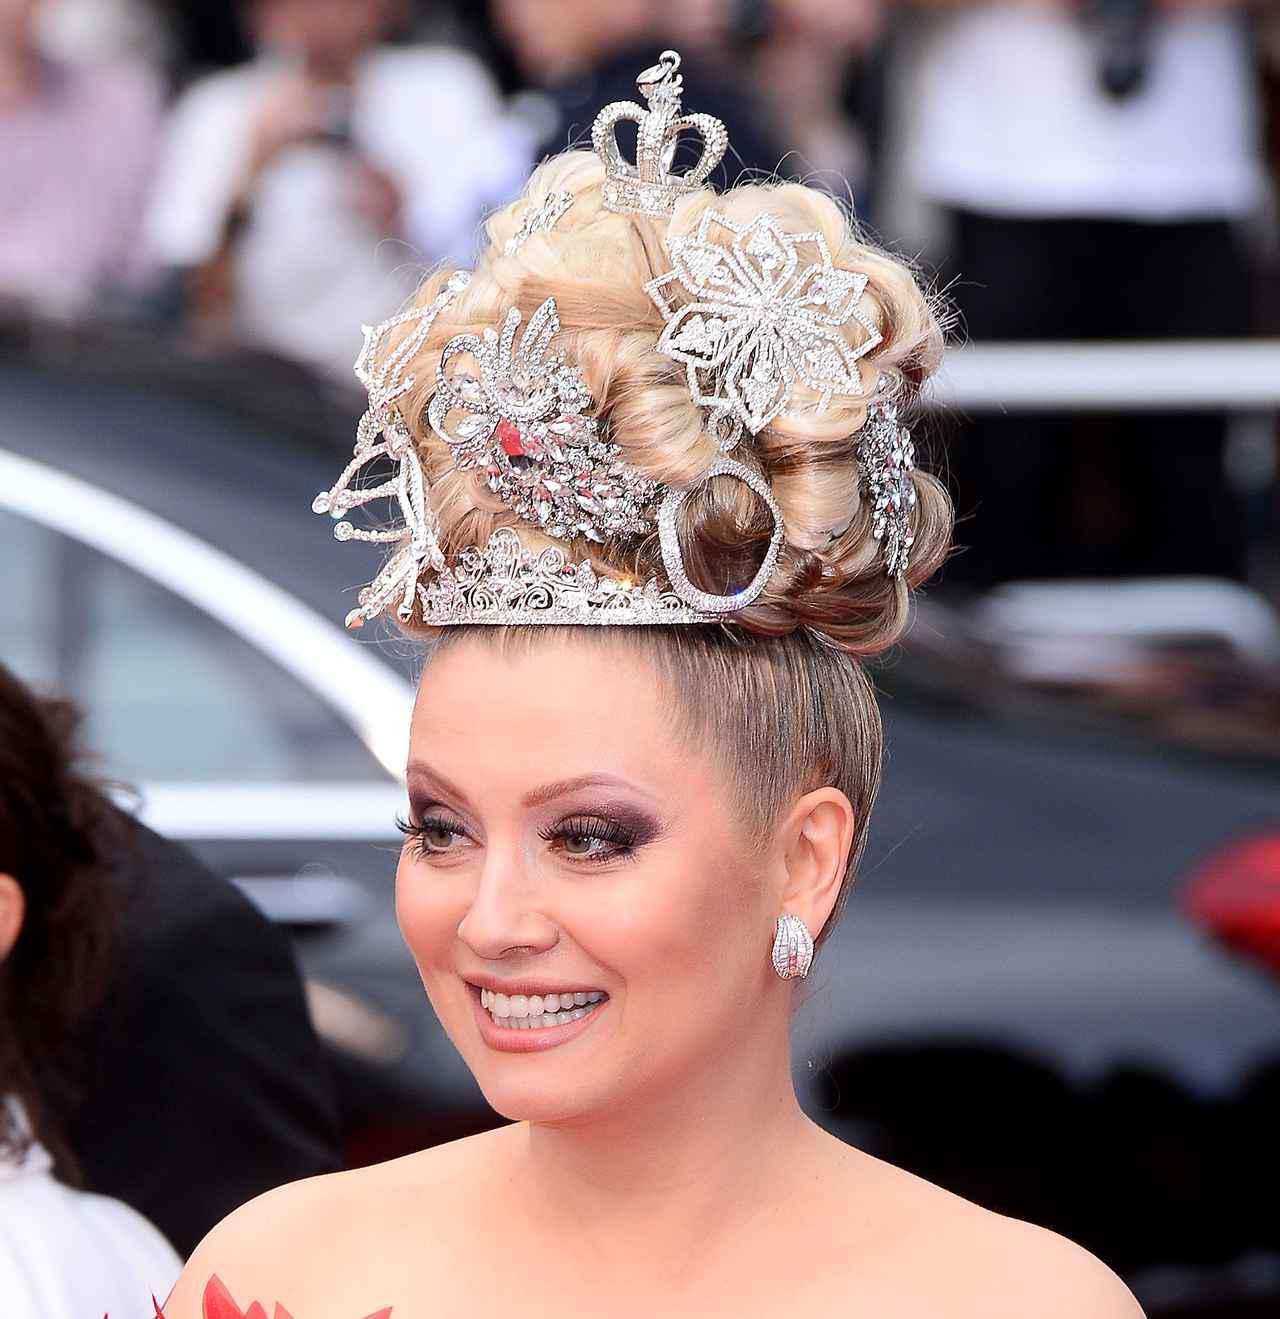 画像7: エレナ・レニーナのド派手なヘアスタイル